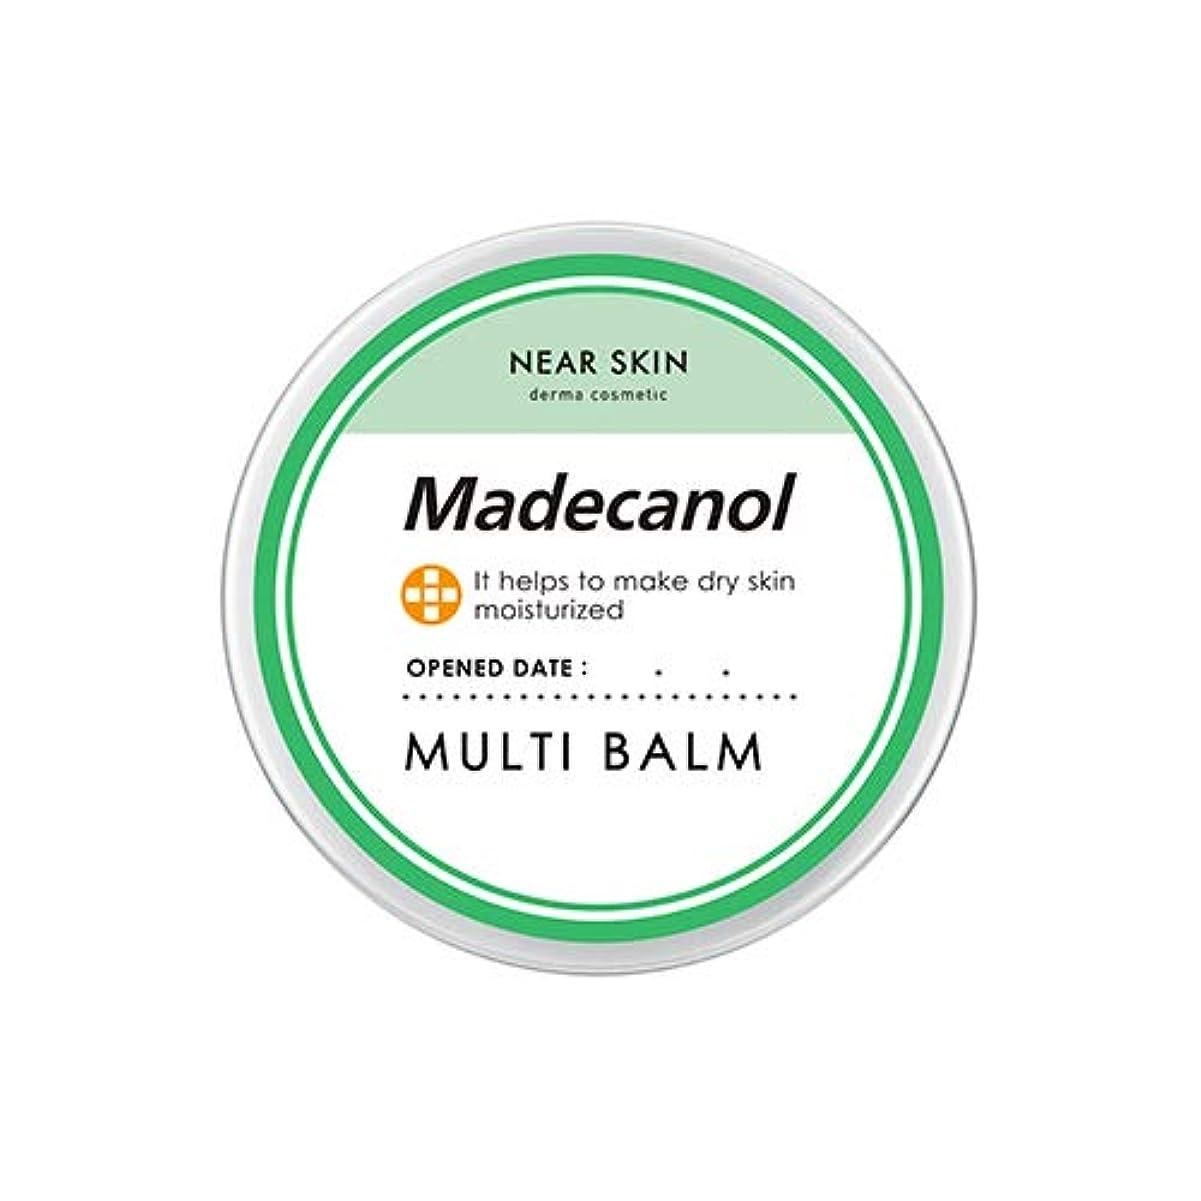 時制レコーダーアッティカスミシャ ニアスキンマデカノルマルチバーム 18g / MISSHA Near Skin Madecanol Multi Balm [並行輸入品]